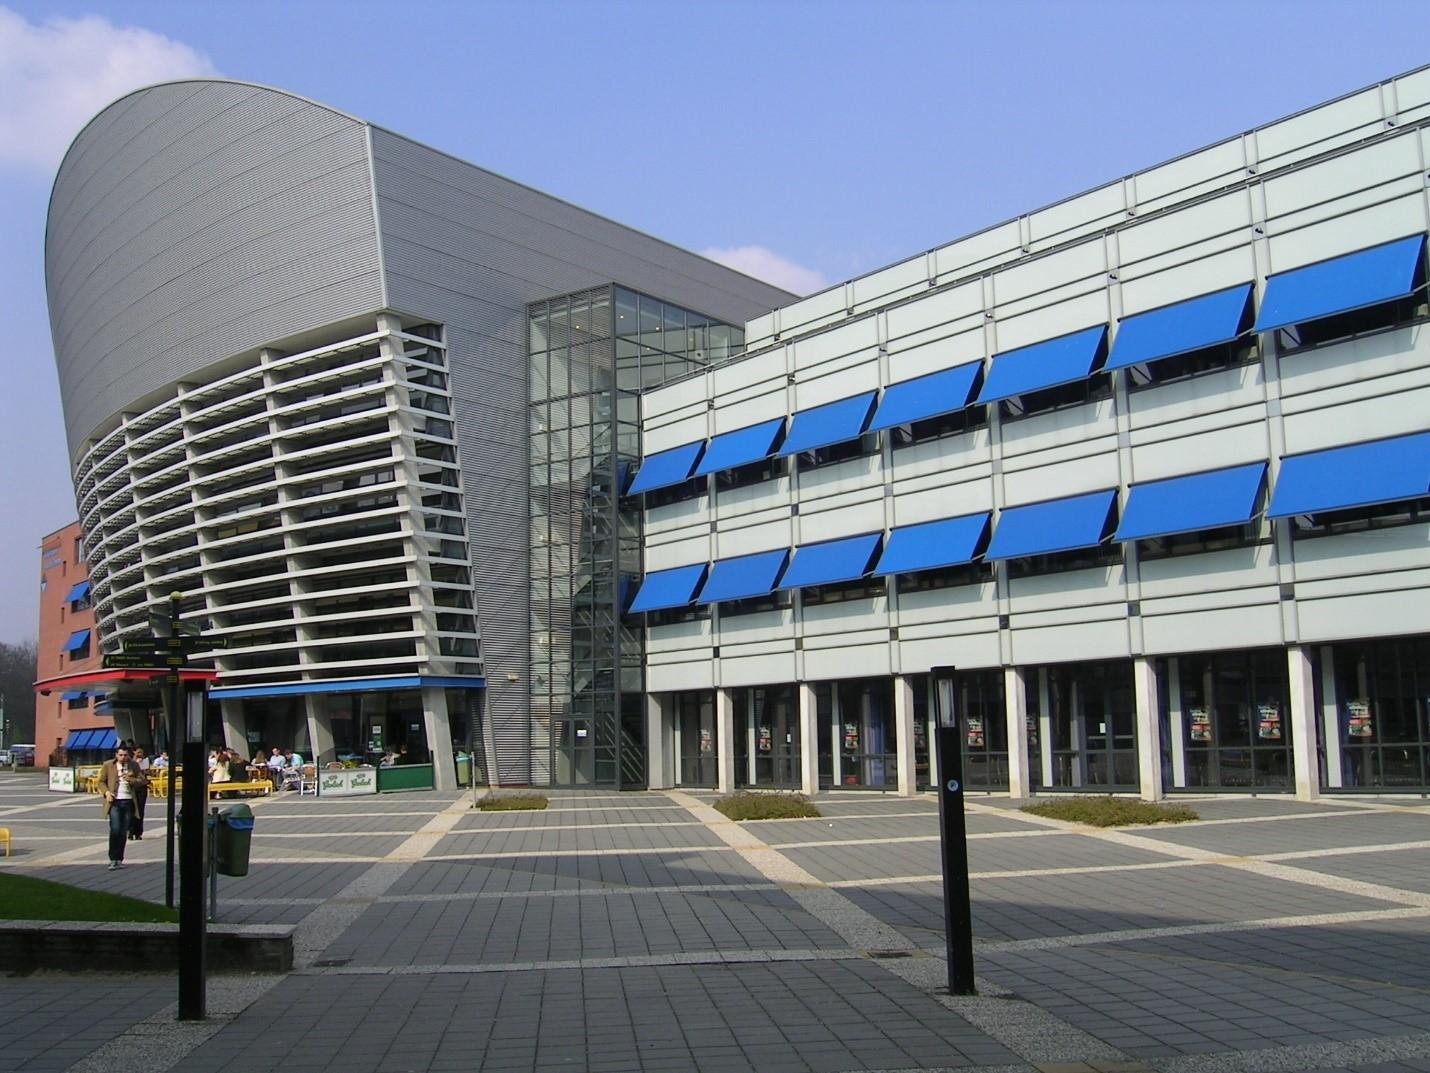 Đại học KHUD HAN của Hà Lan